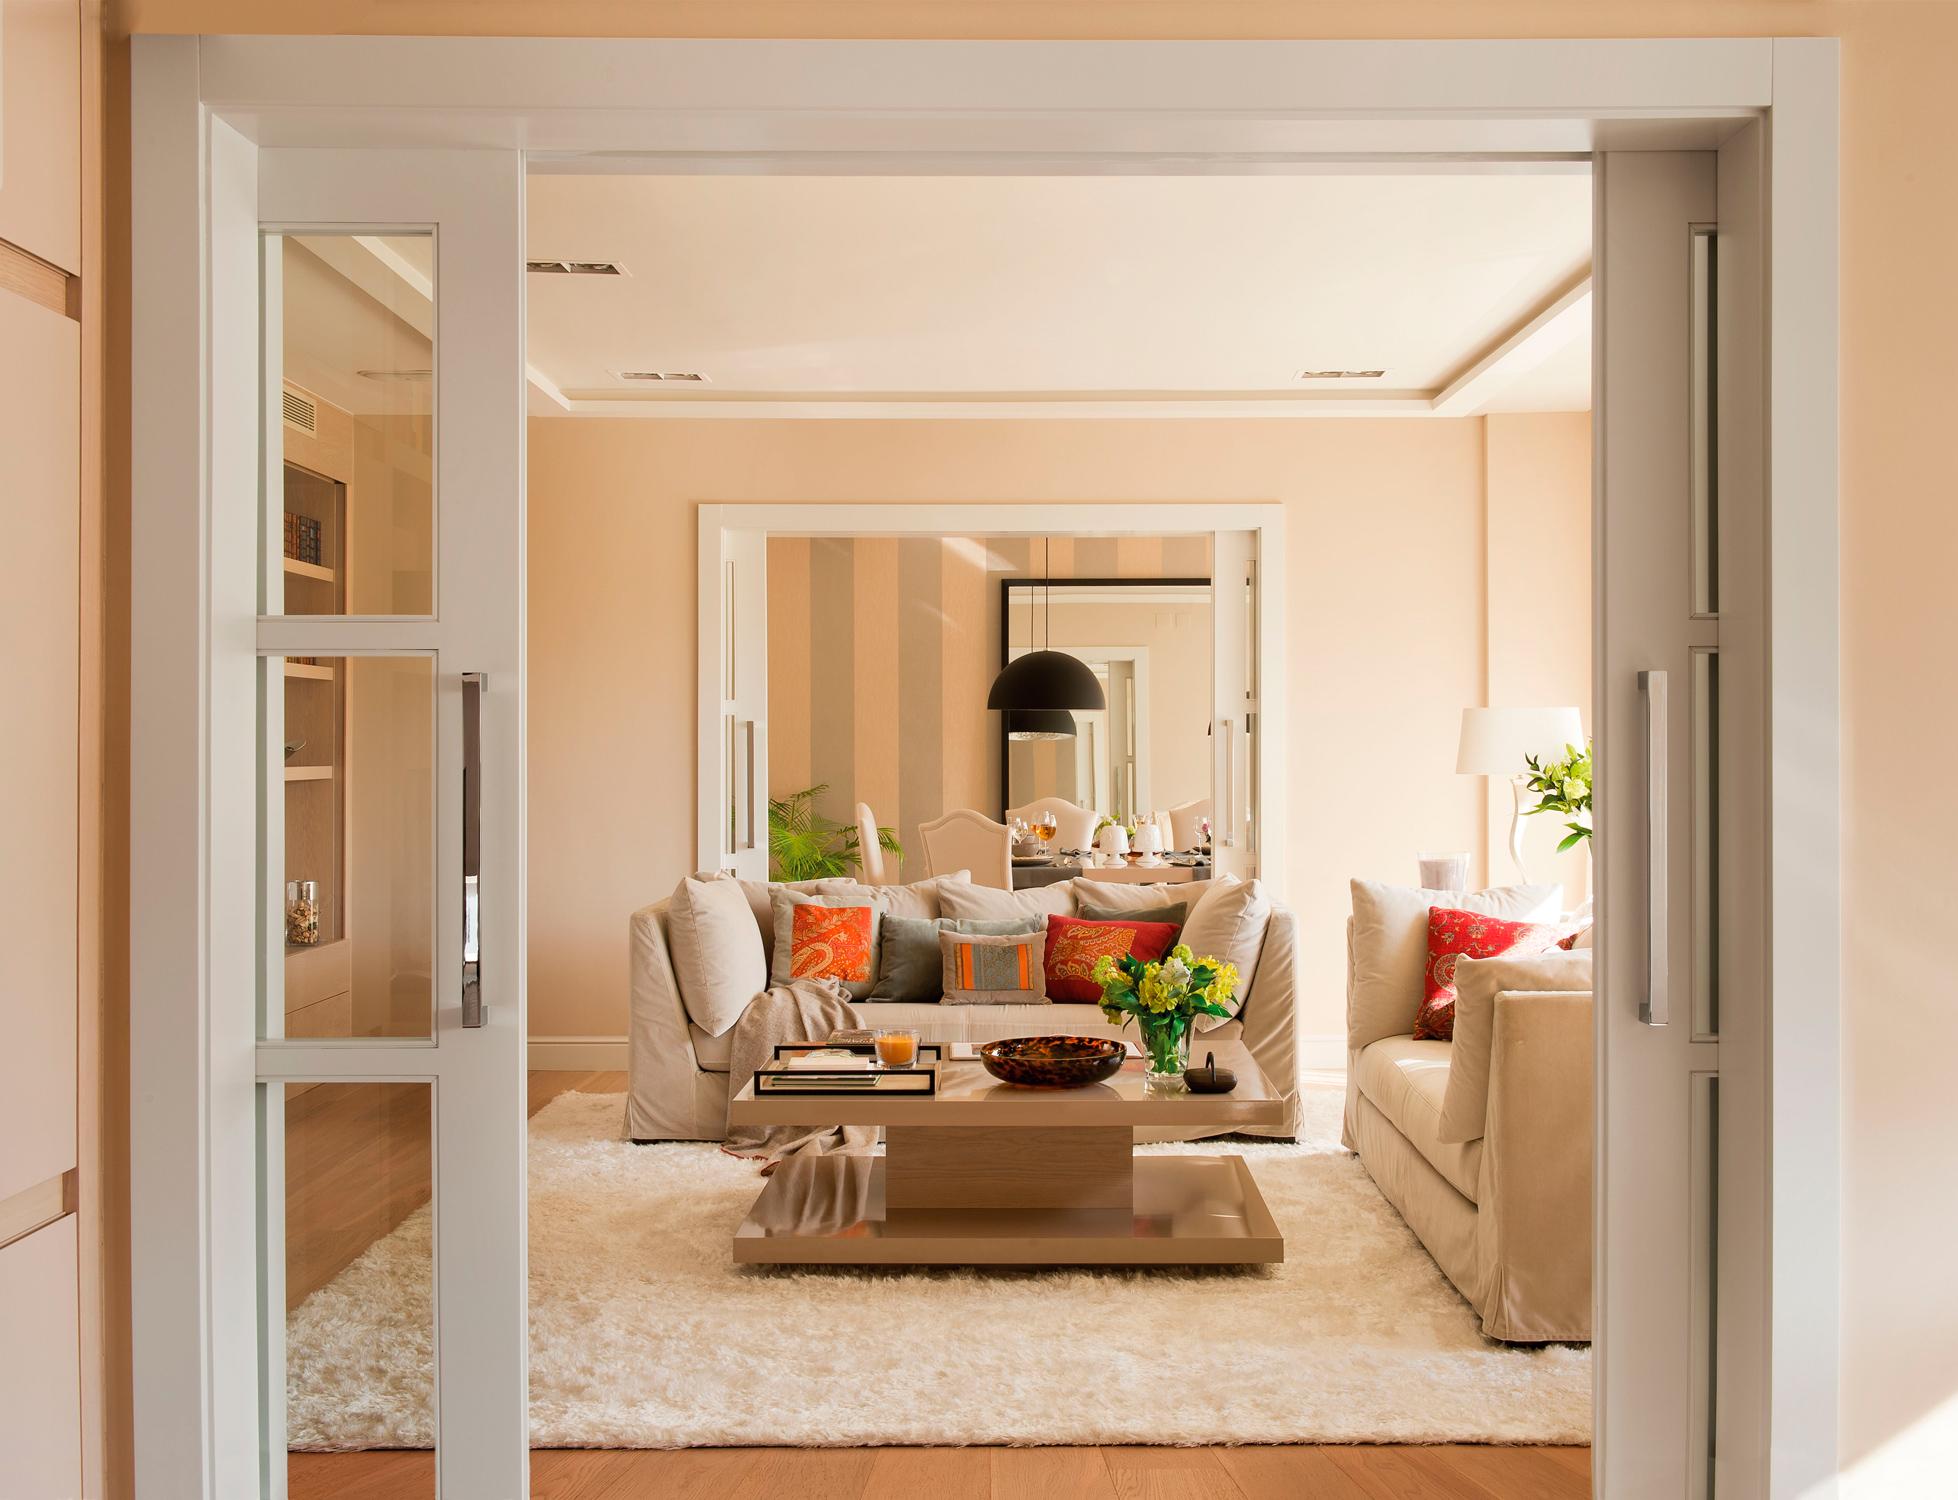 Puertas blancas con parquet top image with puertas for Puertas correderas comedor